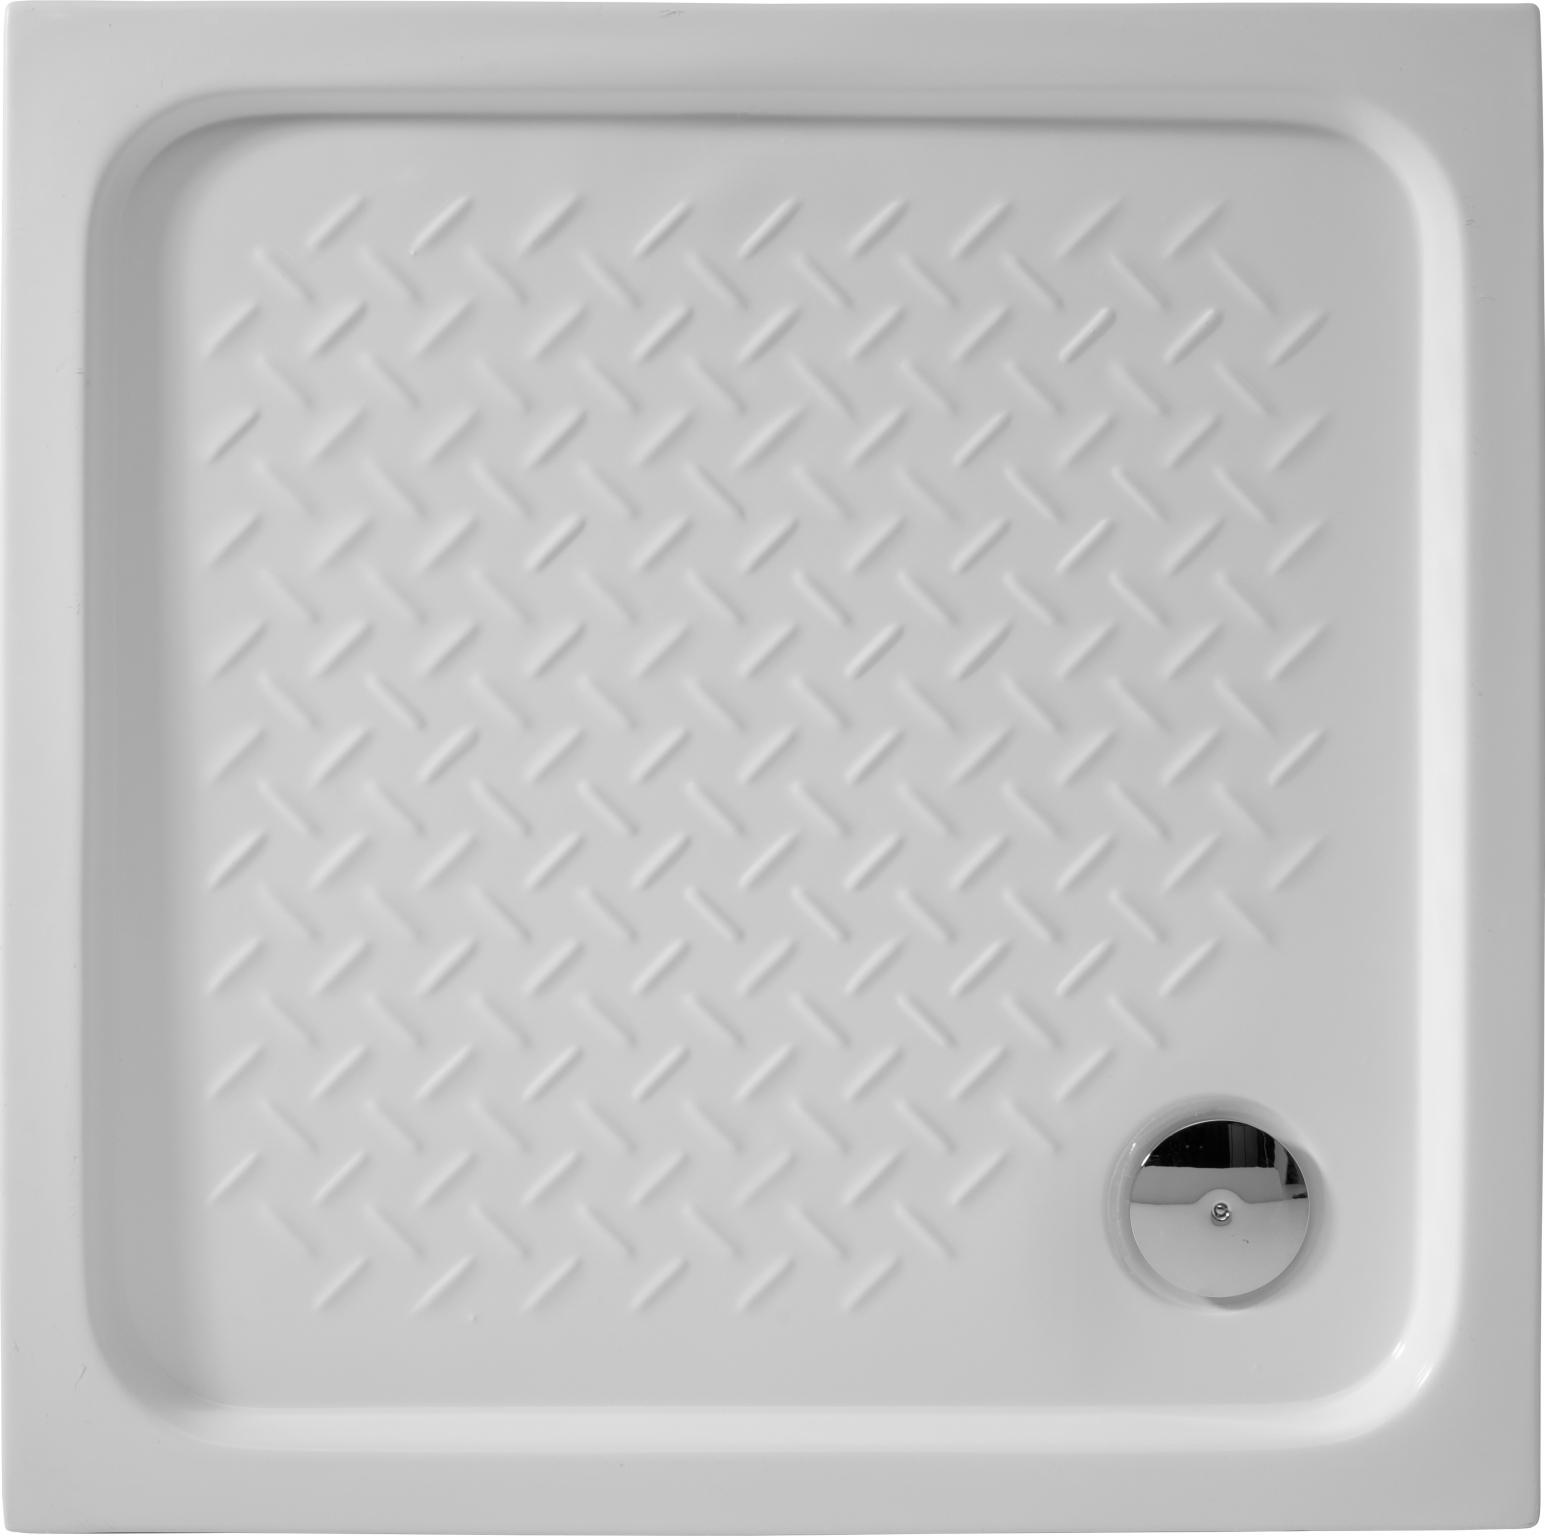 Квадратный душевой поддон De Aqua  90x90 см (MPD9090-4)